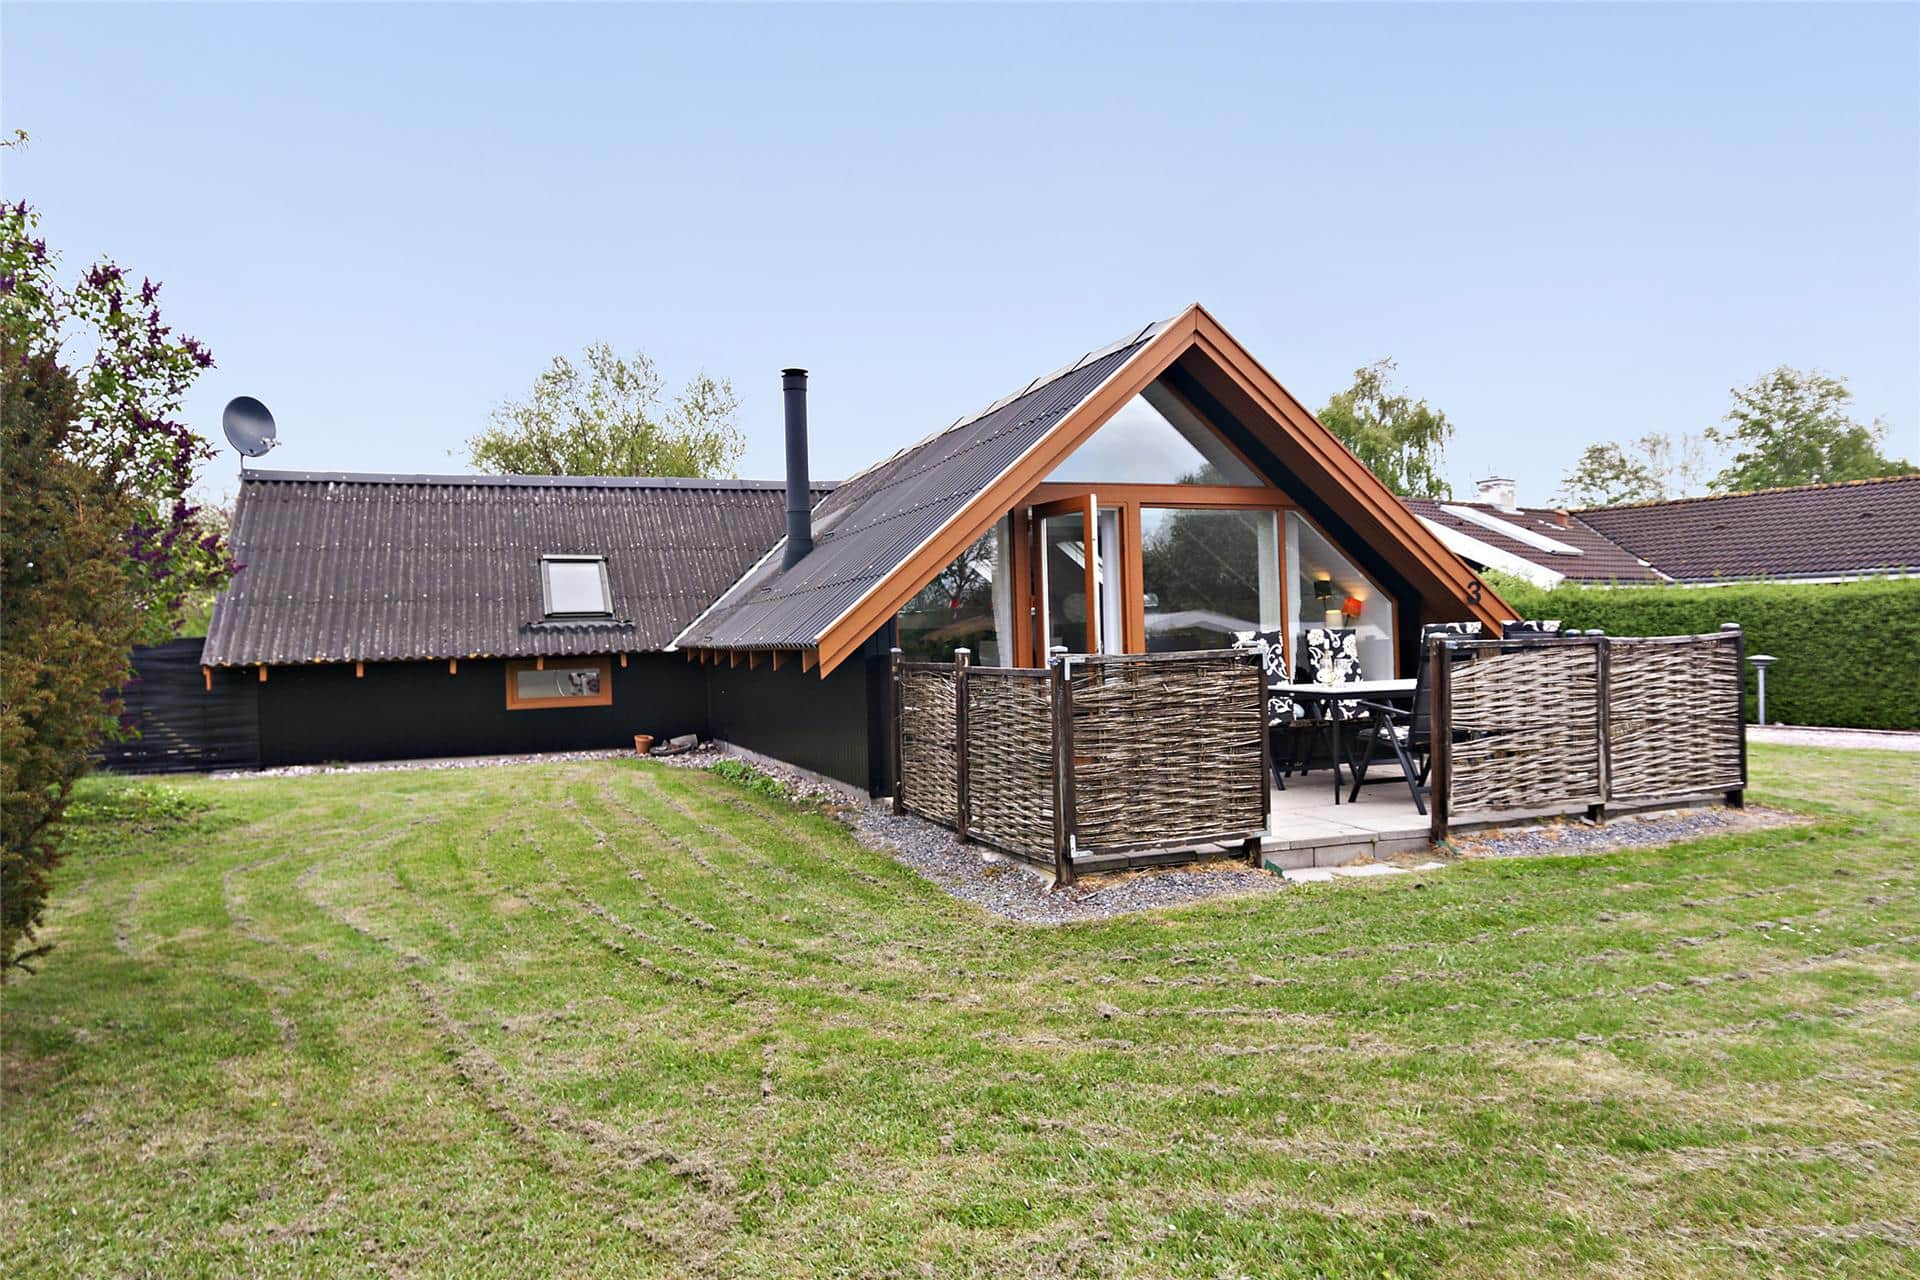 Billede 1-26 Sommerhus SL244, Gærdesangervej 3, DK - 4200 Slagelse